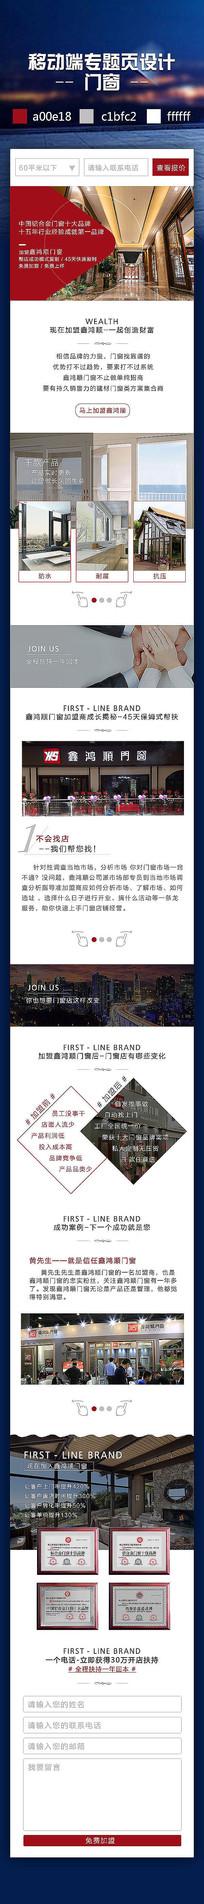 品牌门窗移动端专题页面设计 PSD